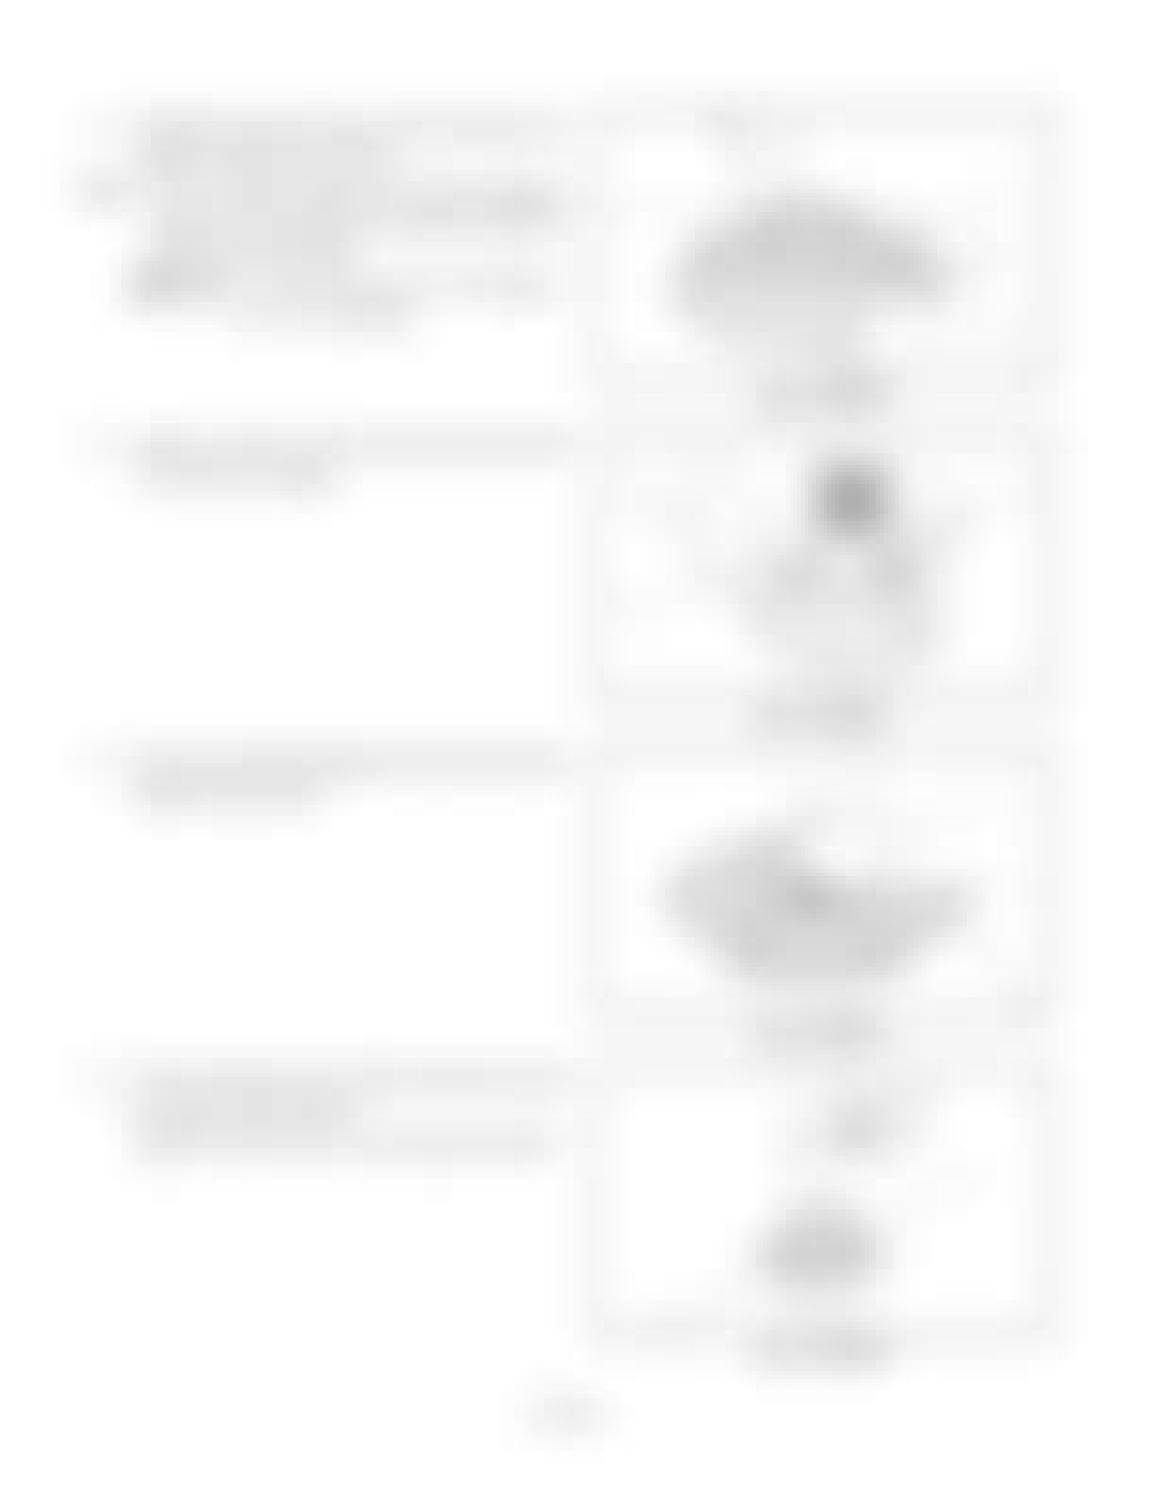 Hitachi LX110-7 LX130-7 LX160-7 LX190-7 LX230-7 Wheel Loader Workshop Manual - PDF DOWNLOAD page 122